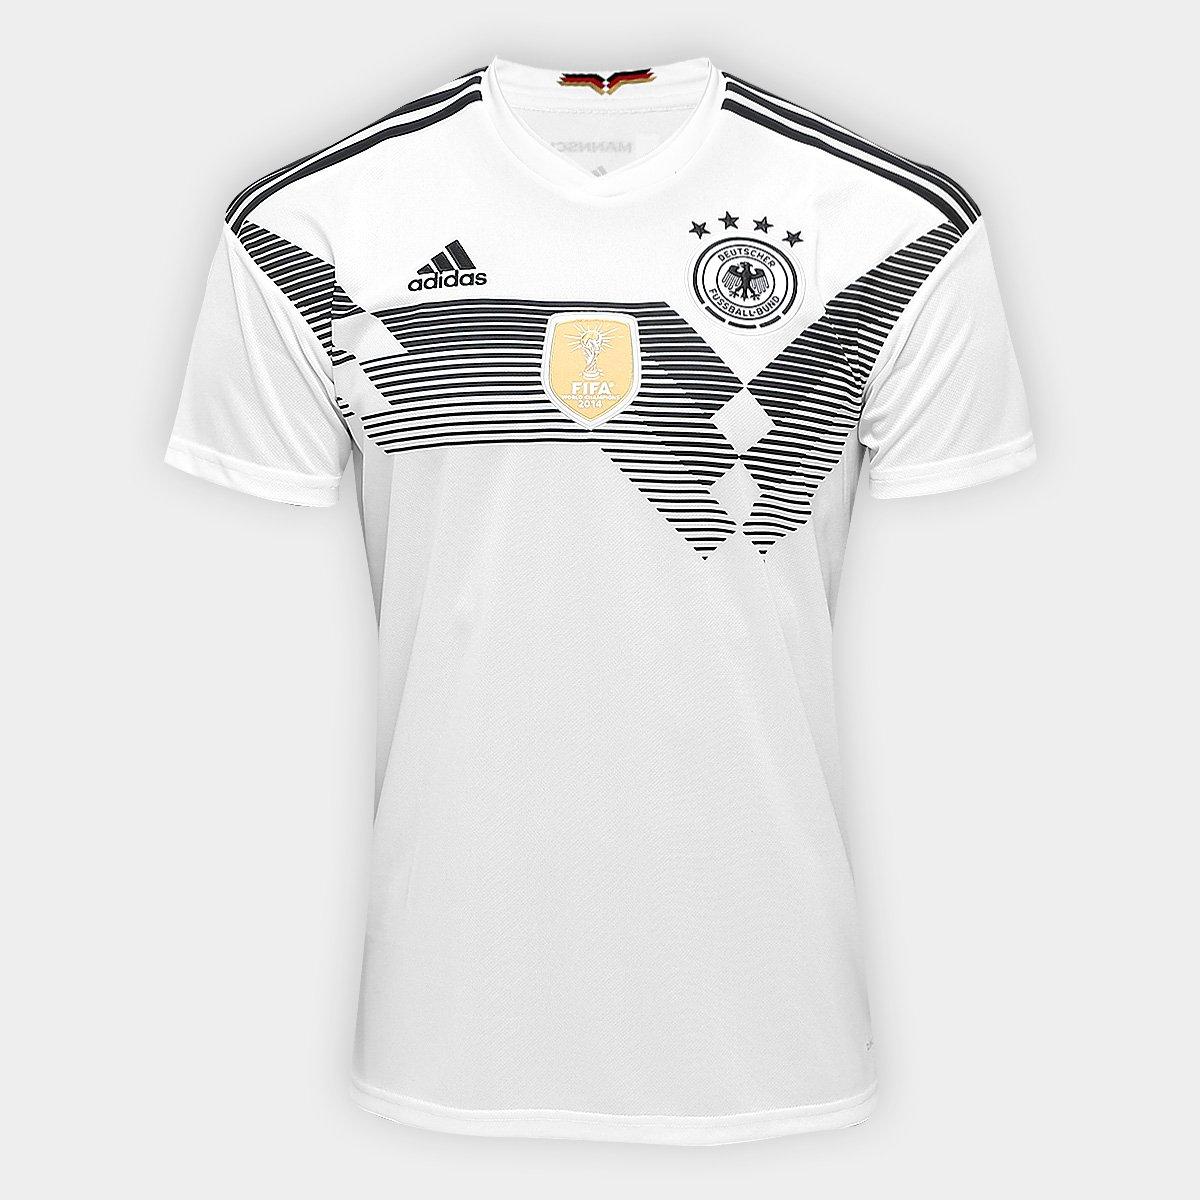 ... Camisa Seleção Alemanha Home 2018 n° 10 Özil - Torcedor Adidas  Masculina ... e3f48ac046f62